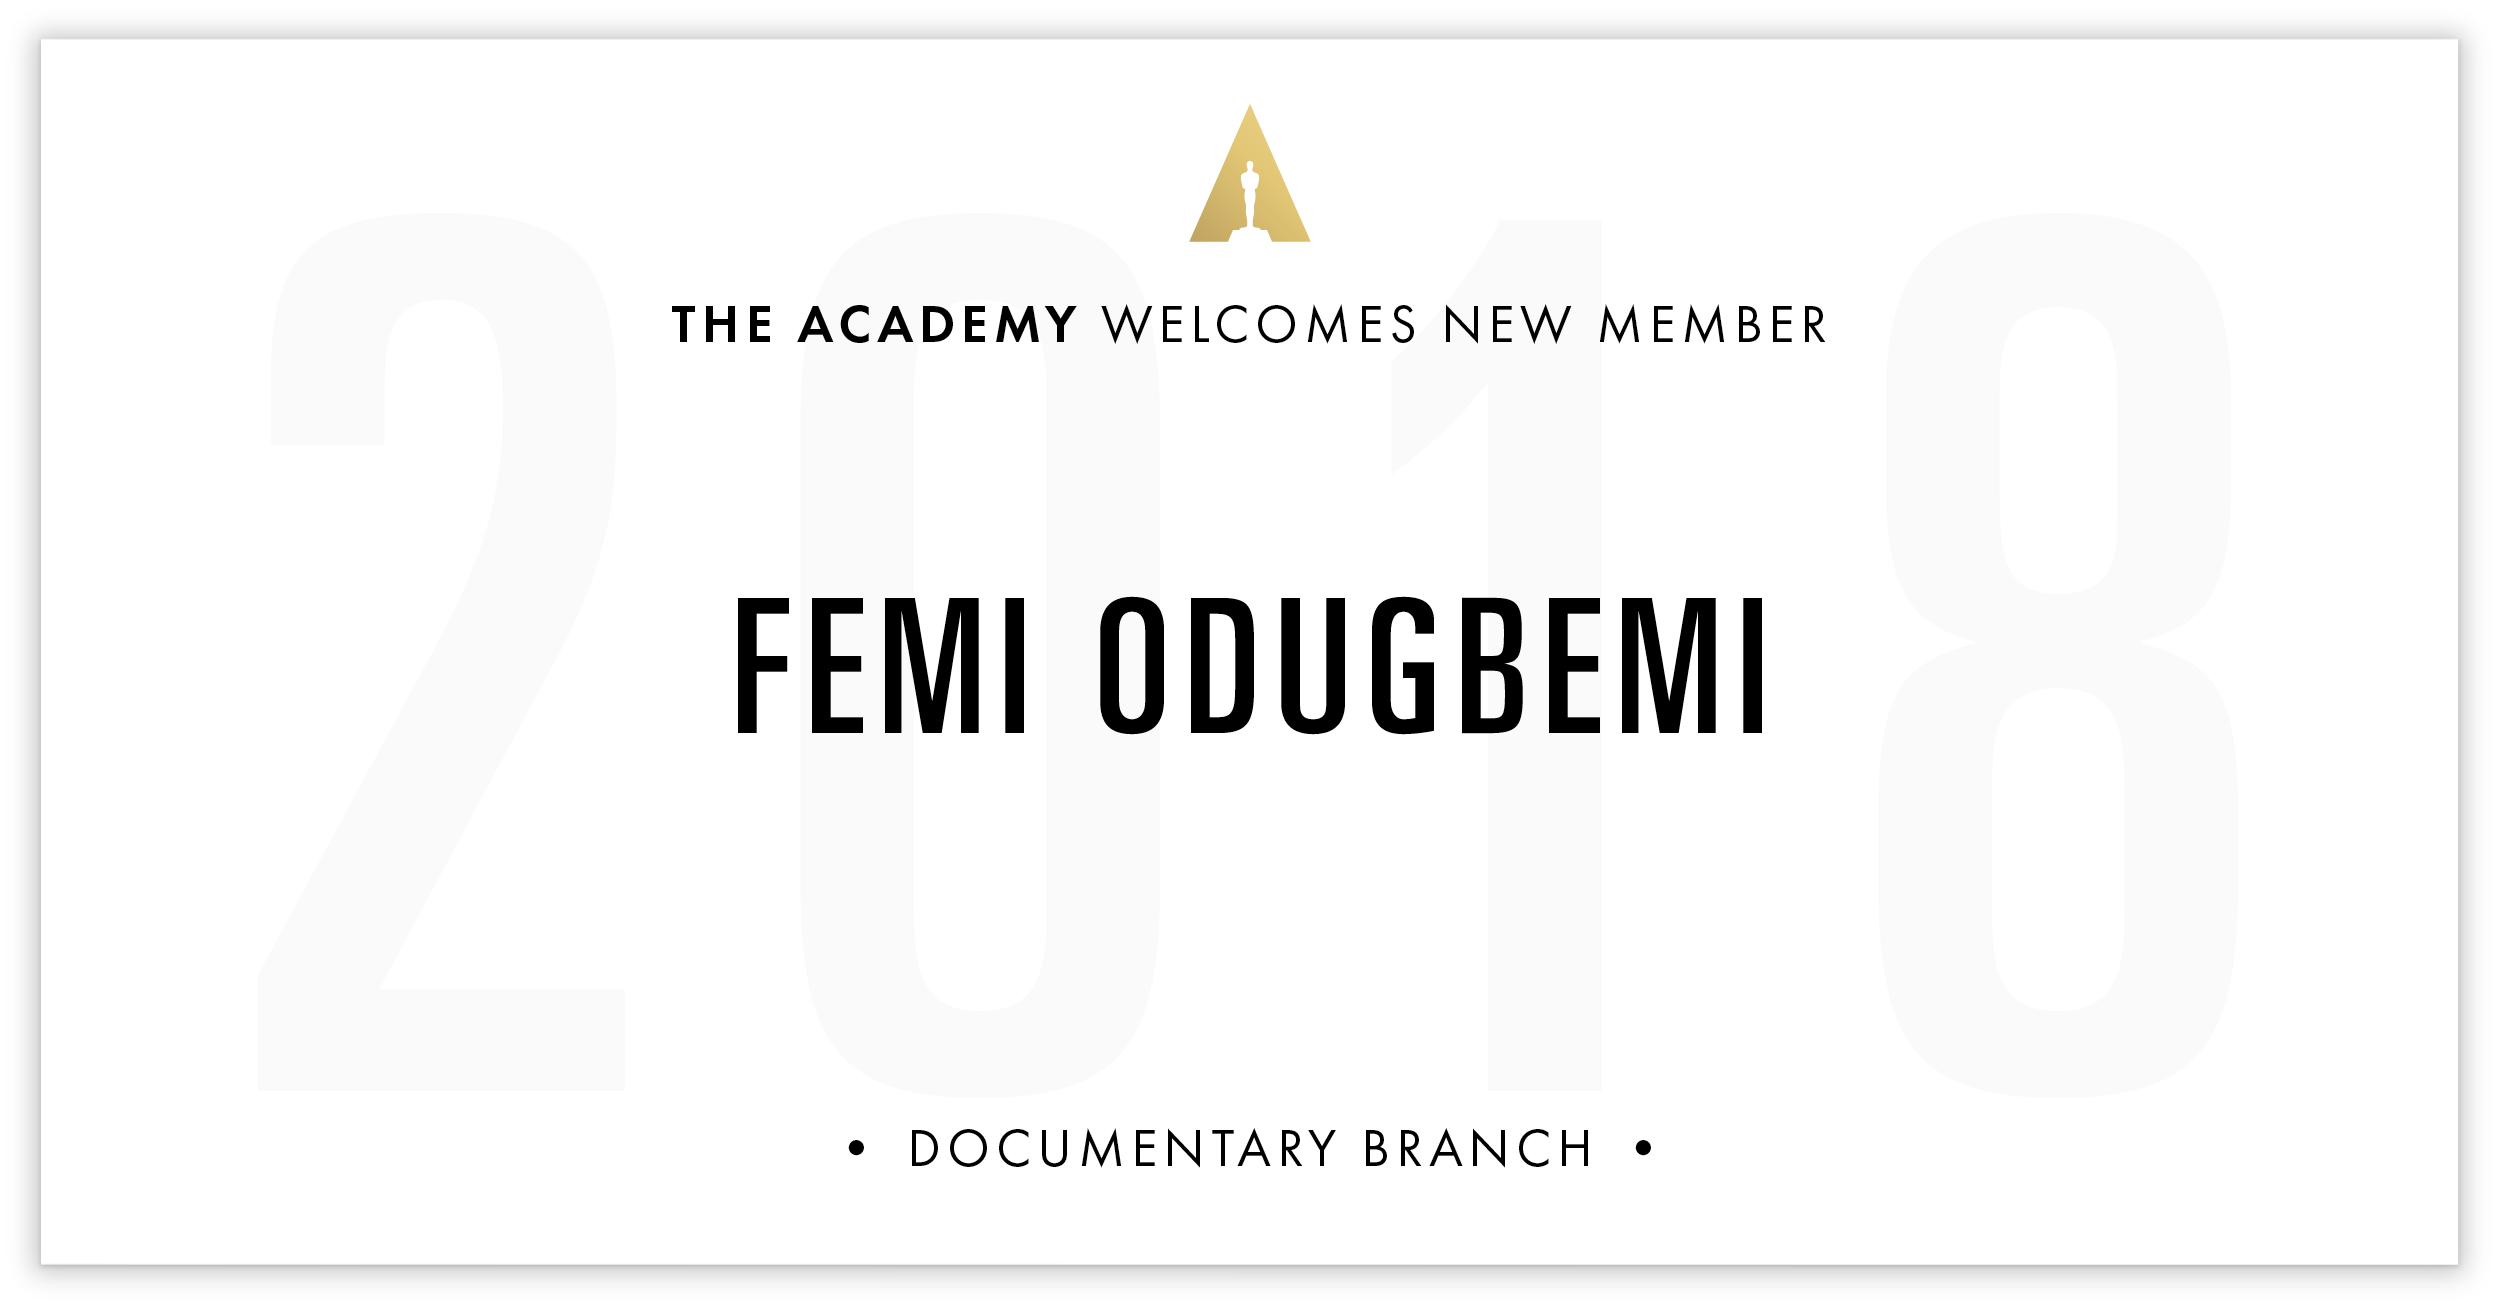 Femi Odugbemi is invited!